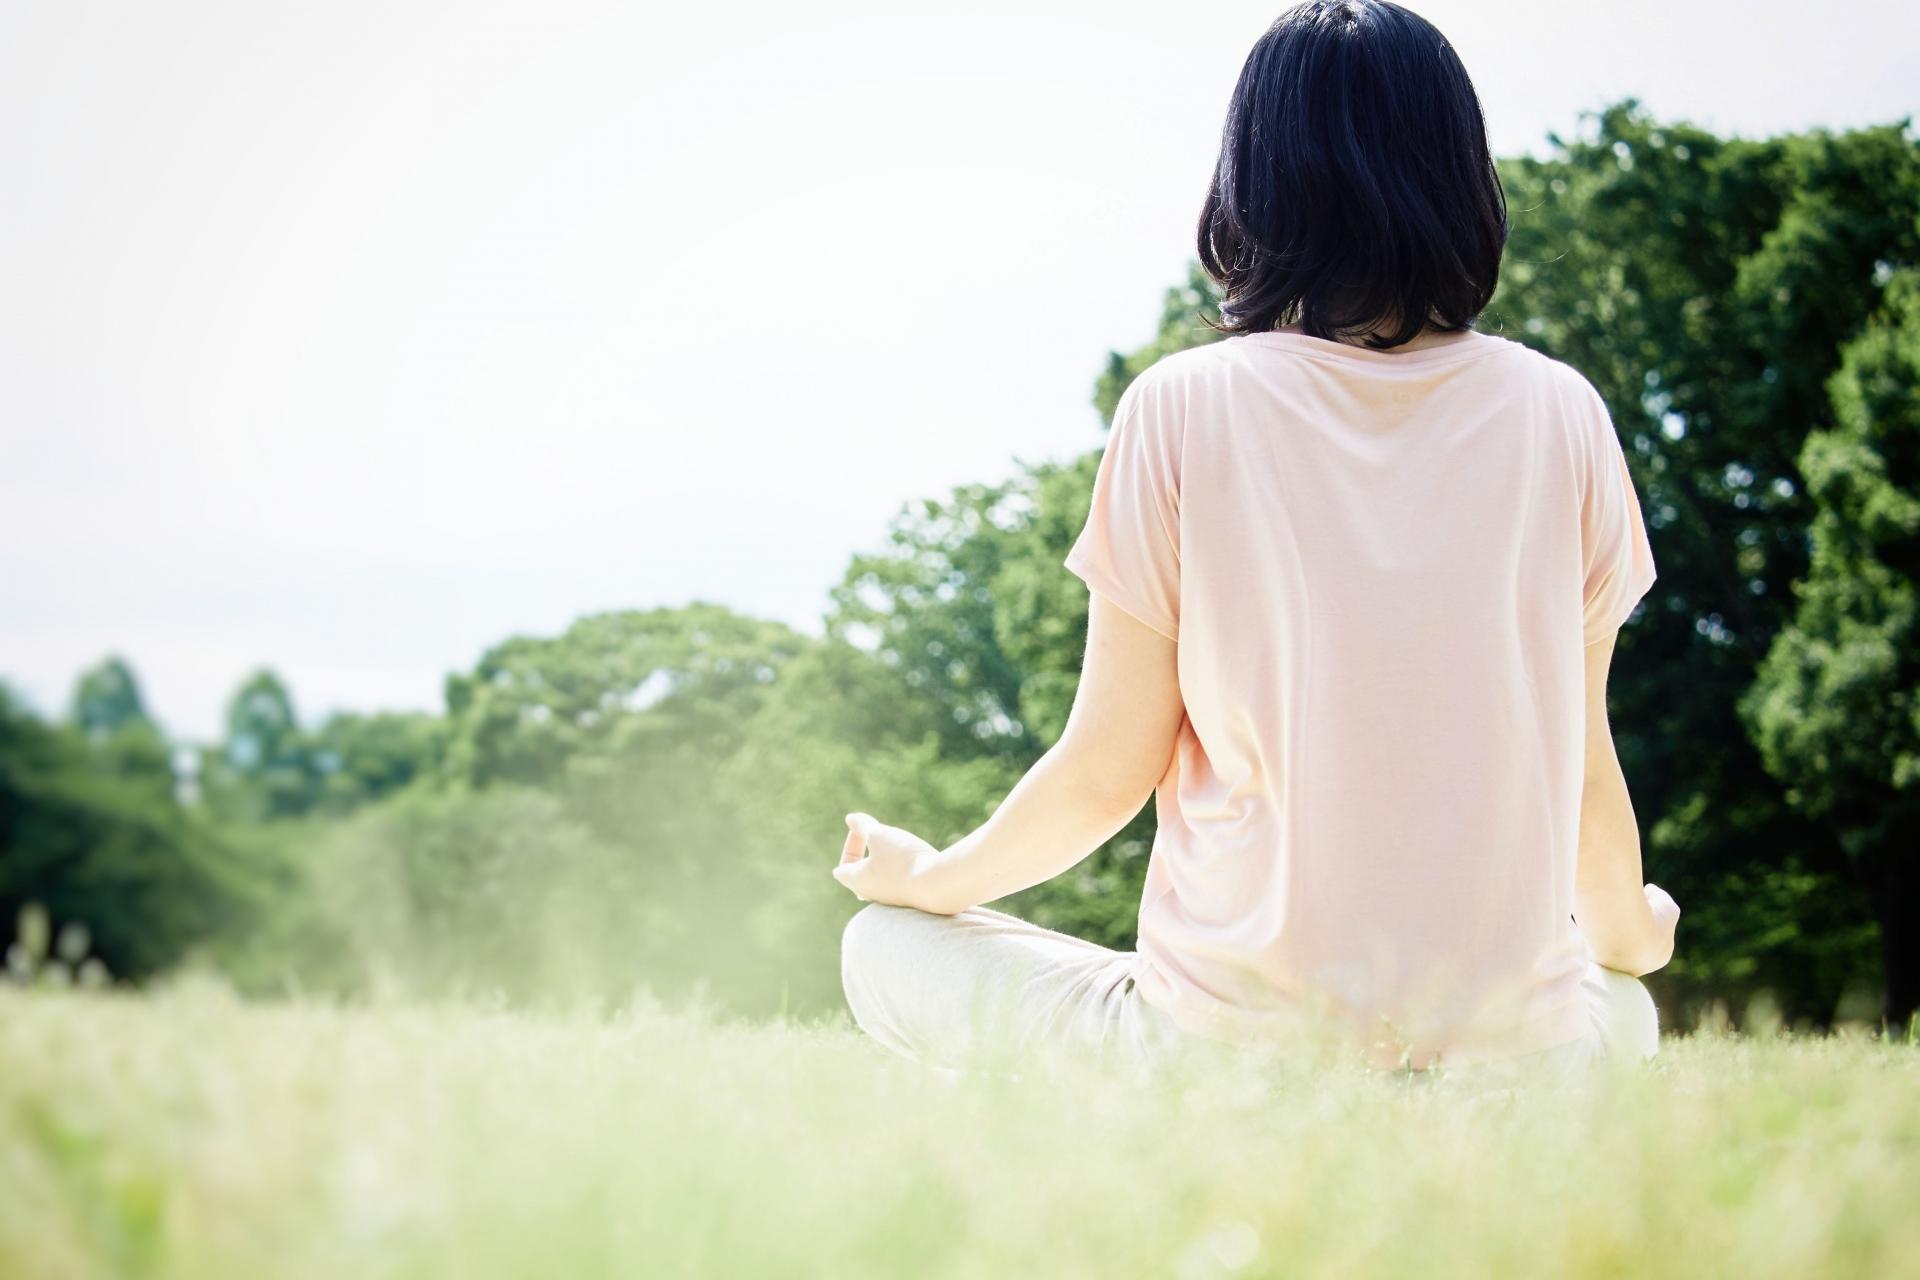 ヨガの瞑想を高めるポーズとは?